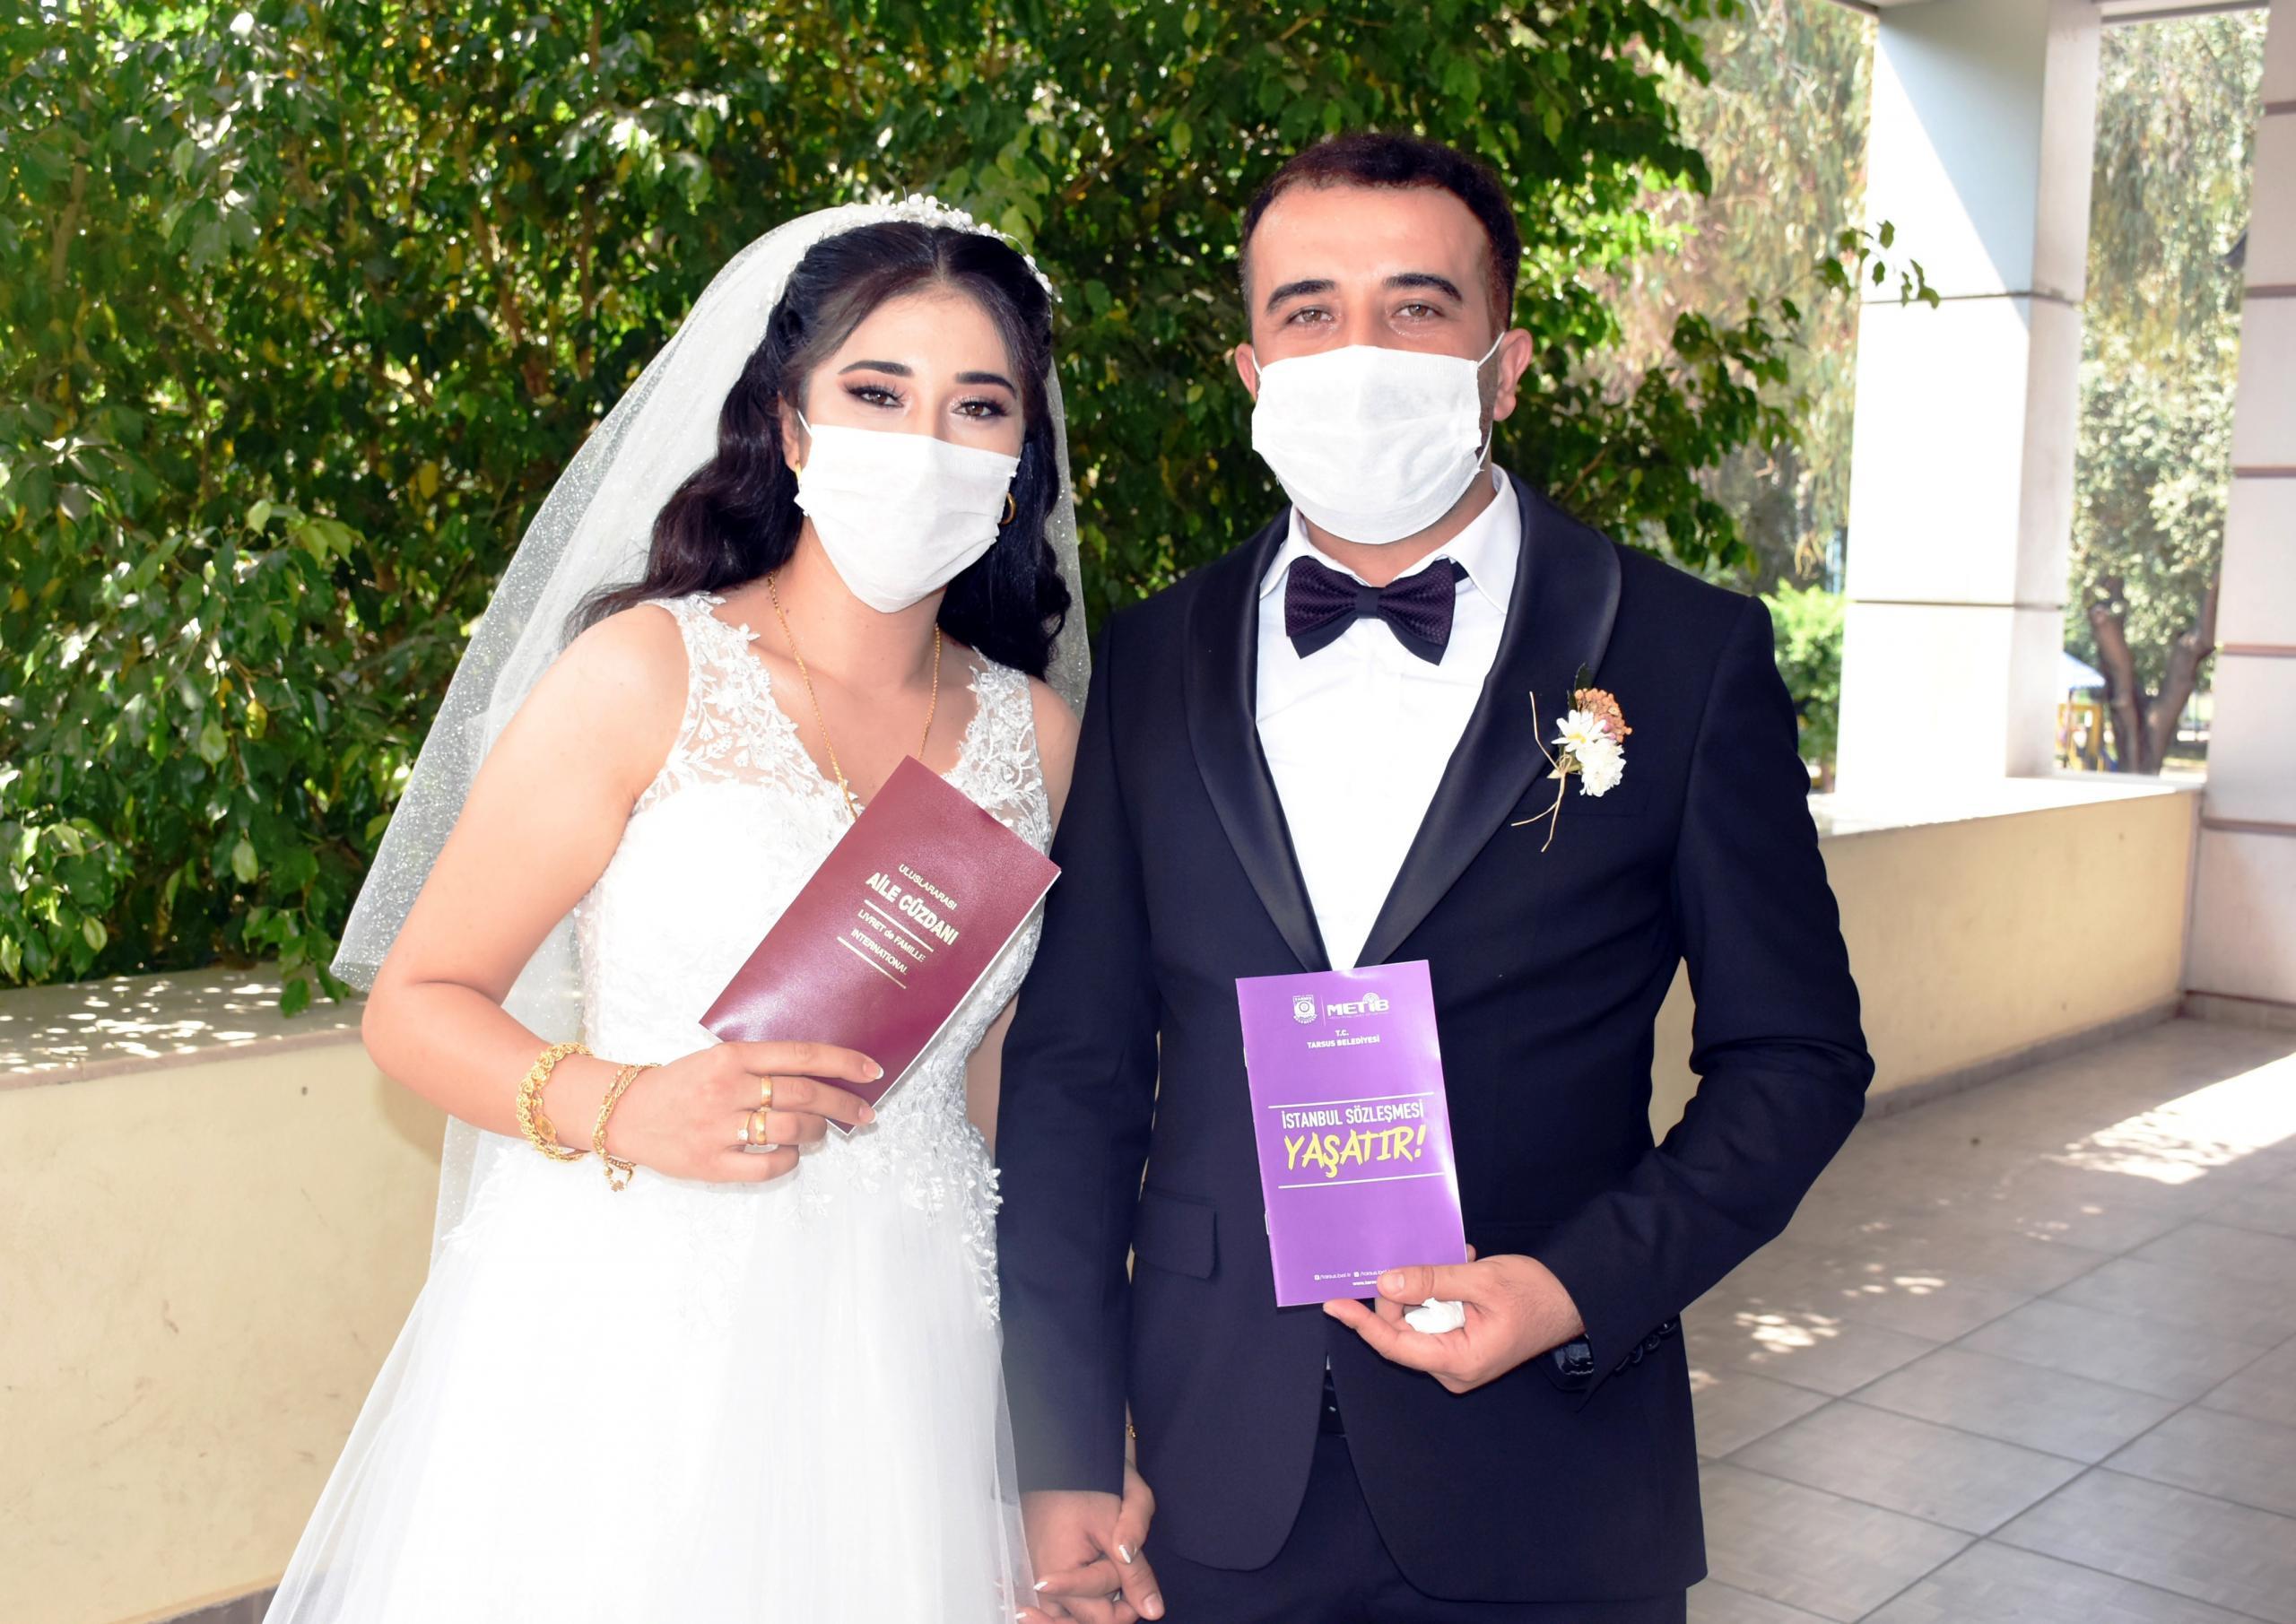 Yeni Çiftlere İstanbul Sözleşmesi…